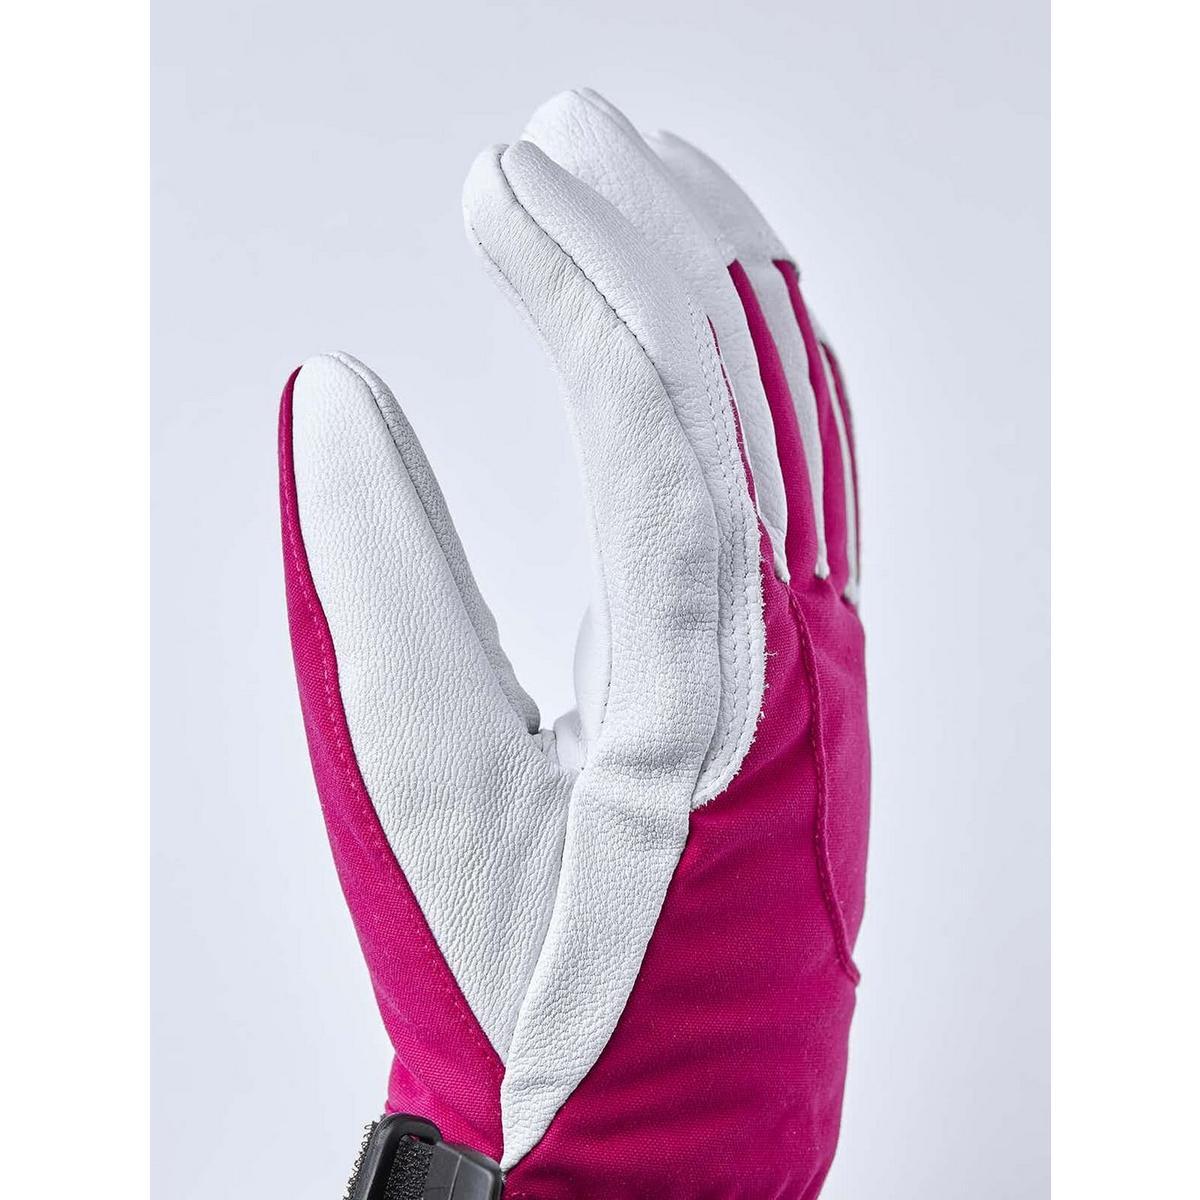 Hestra Women's Heli Ski Glove - Fuchsia Off White